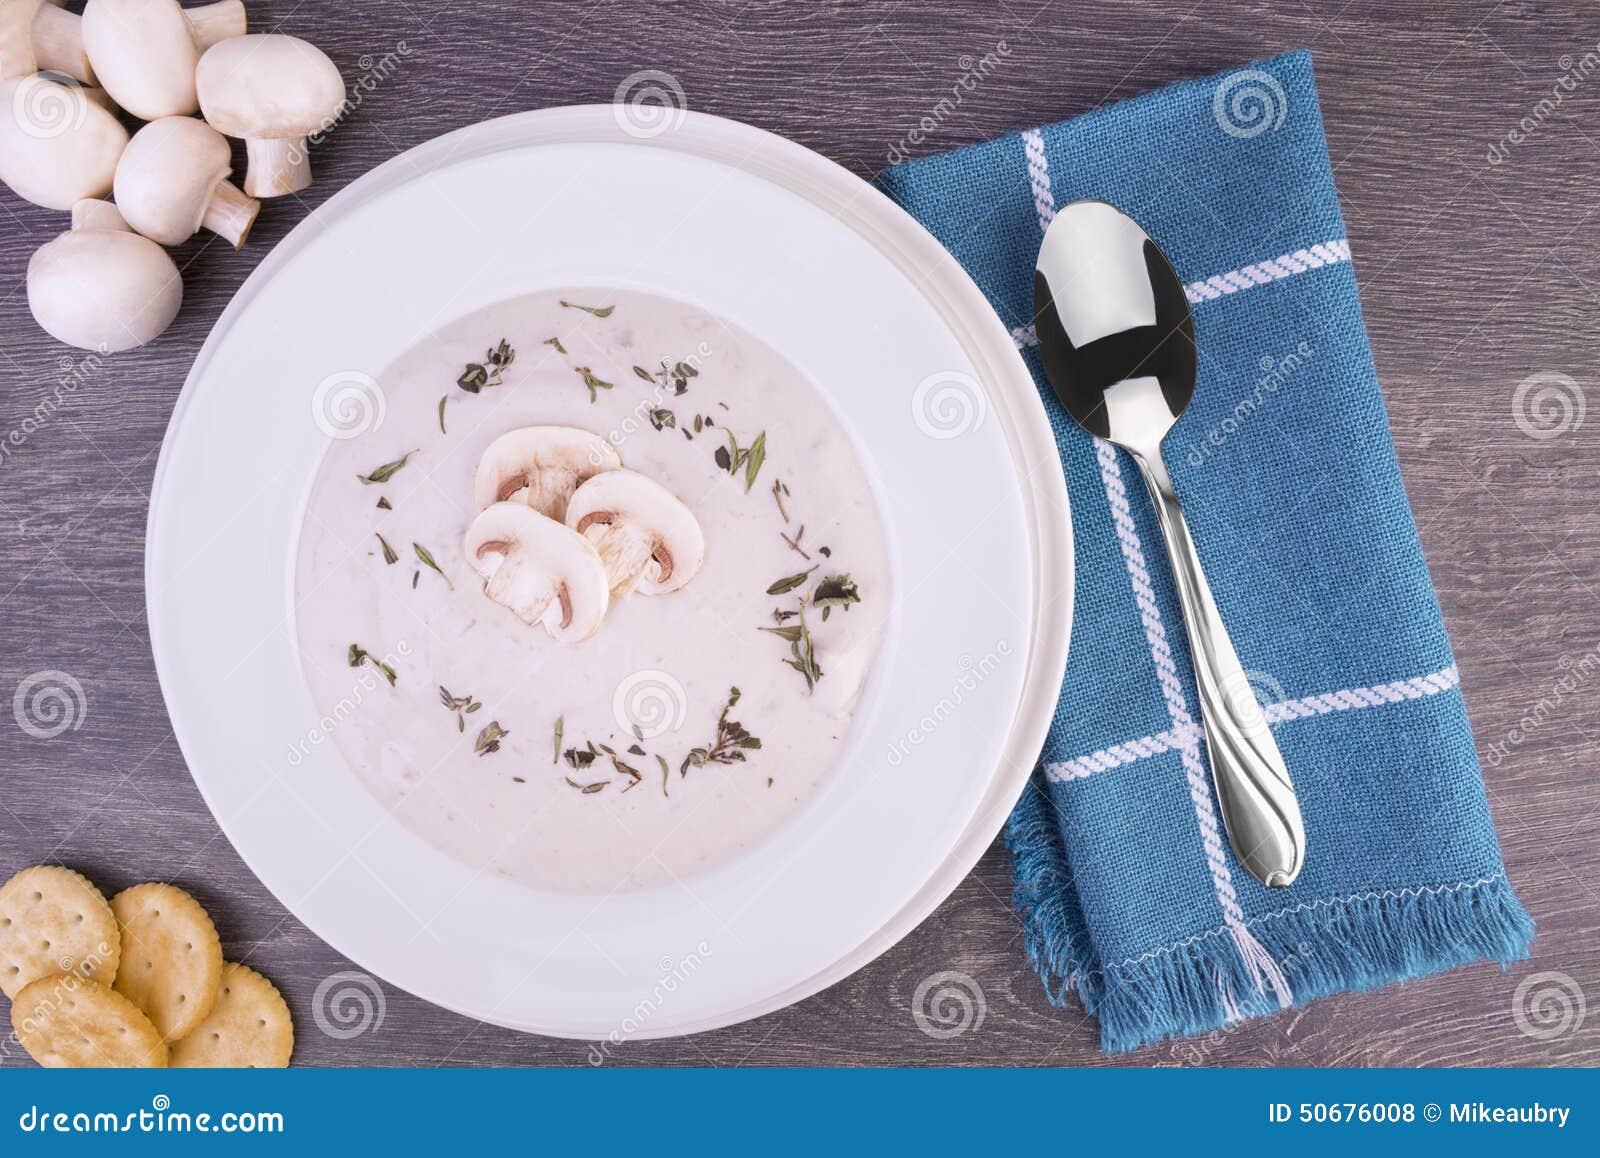 Download 蘑菇汤新鲜的奶油在一个白色碗的 库存照片. 图片 包括有 正餐, 素食主义者, 草本, 空白, 降低, 部分 - 50676008